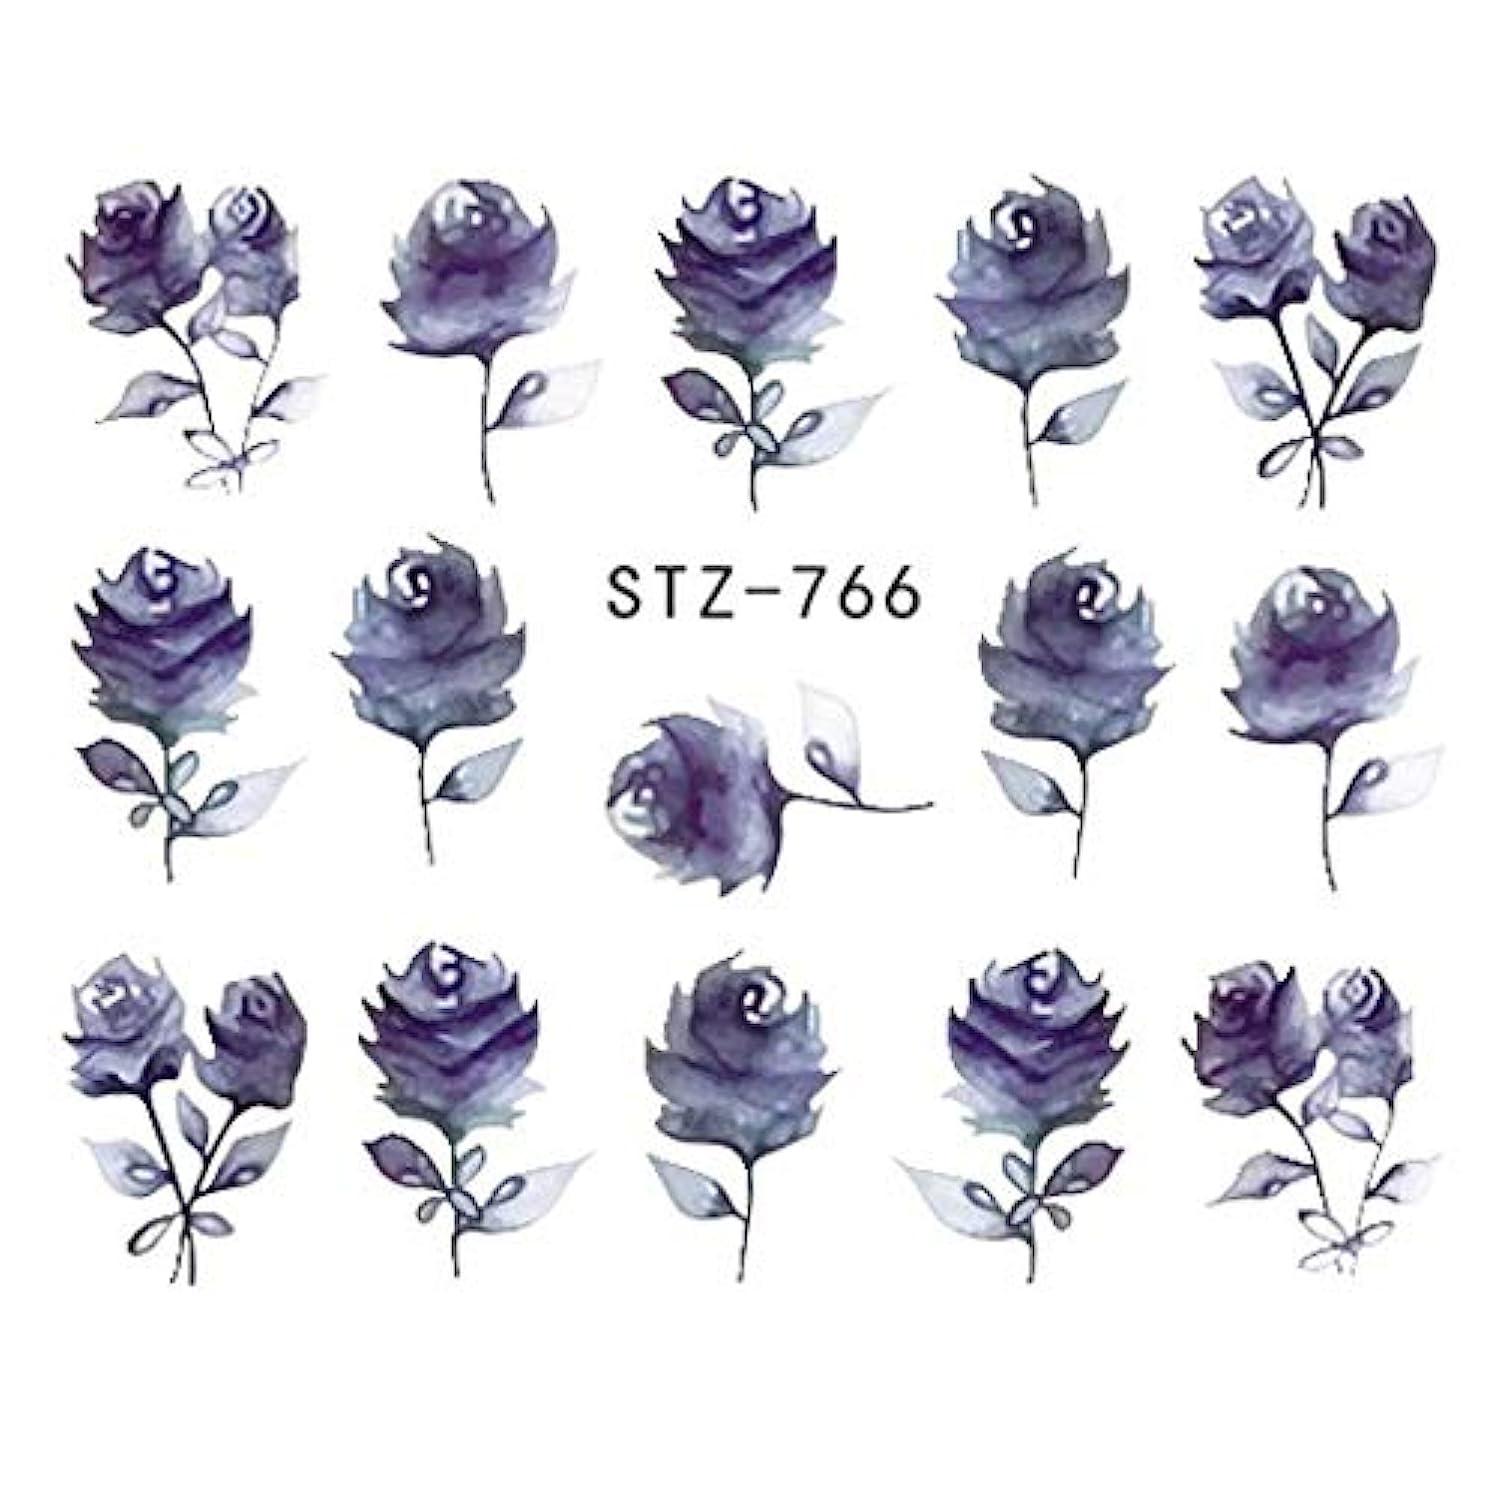 老朽化したティーンエイジャー荒れ地SUKTI&XIAO ネイルステッカー 完全な美1シートの宝石類の釘のステッカーの黒い花のステッカーのマニキュアの水移動のスライダーホイルの設計装飾、Stz-766